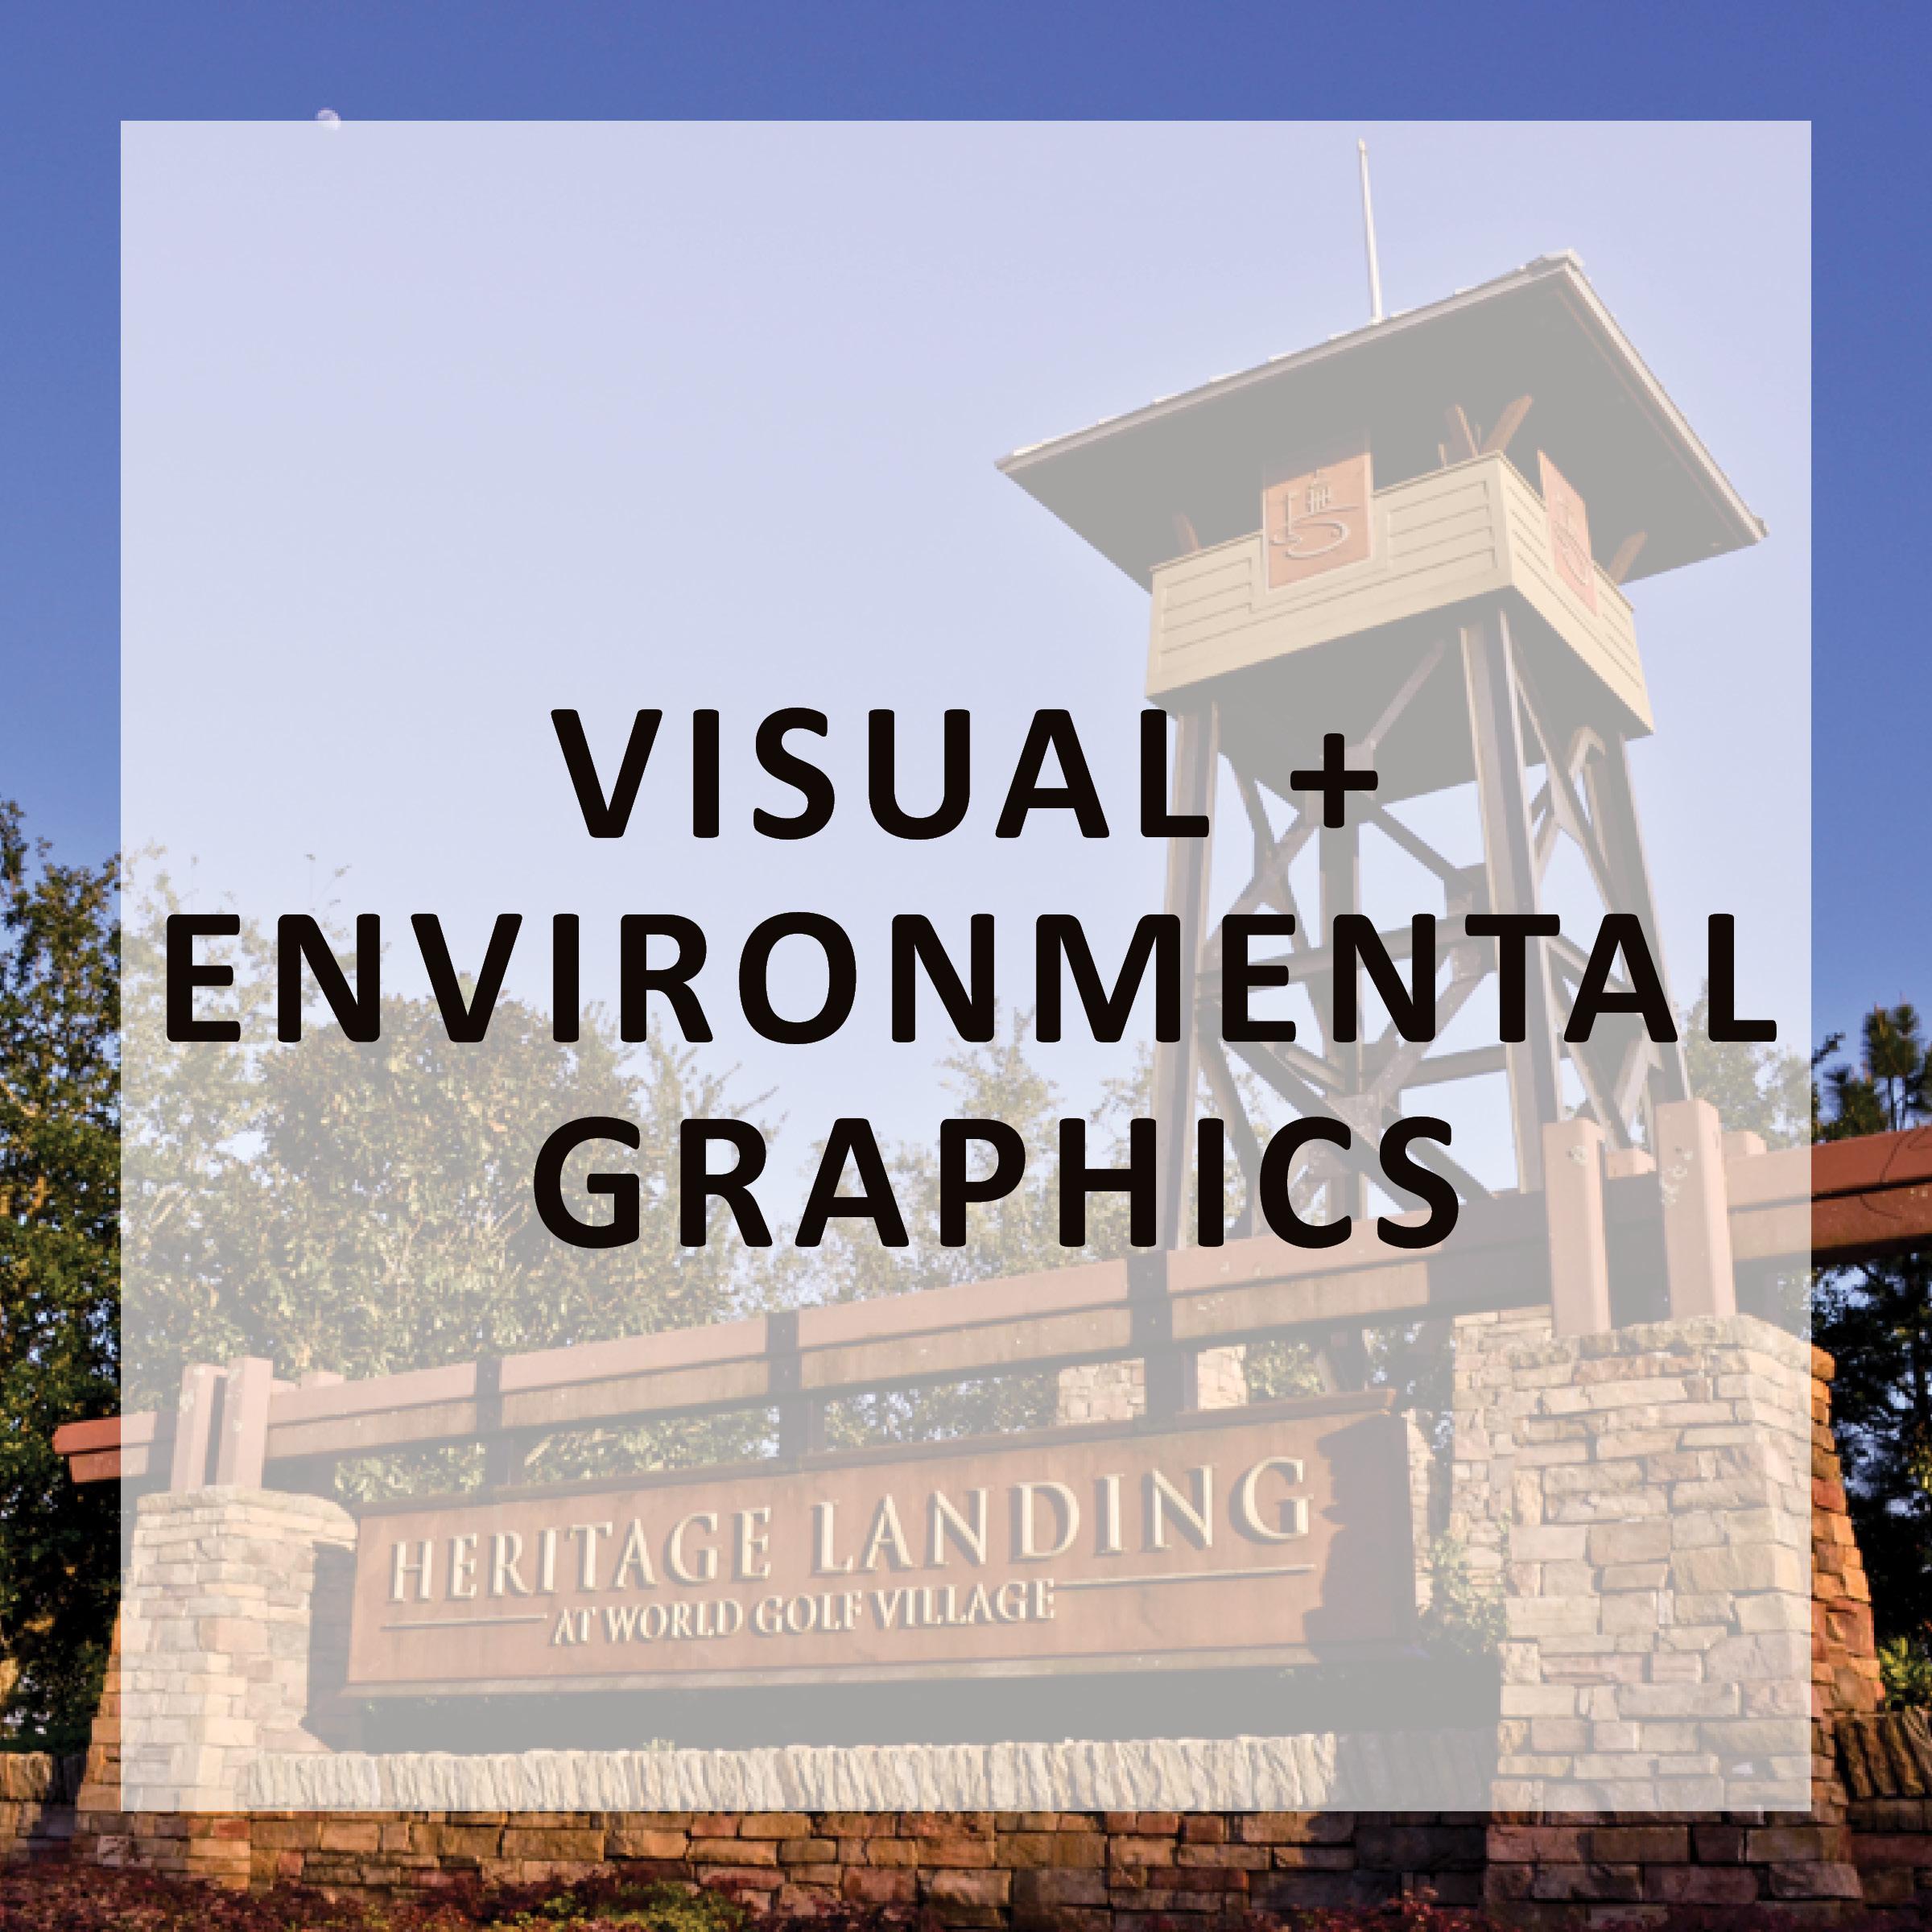 VISUAL + ENVIRONMENTAL GRAPHICS